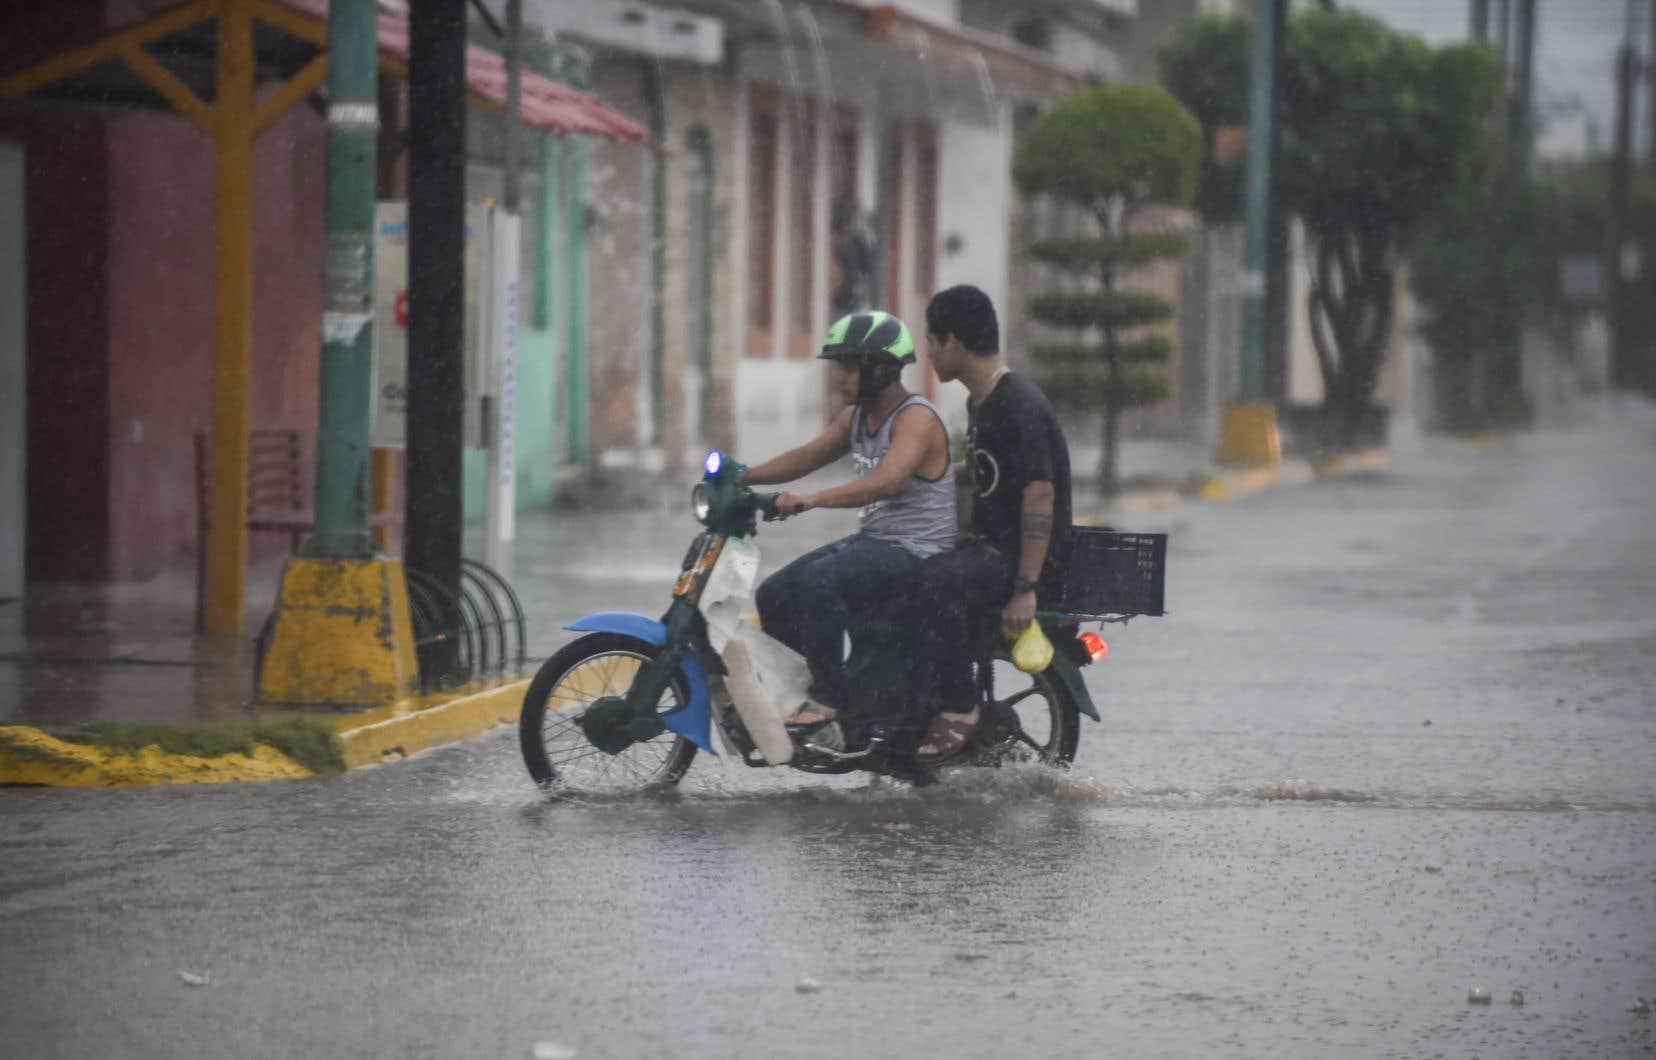 À Escuinapa, une ville de 30 000 habitants où doit frapper l'oeil de l'ouragan «Willa», plusieurs rues ont été déjà inondées.